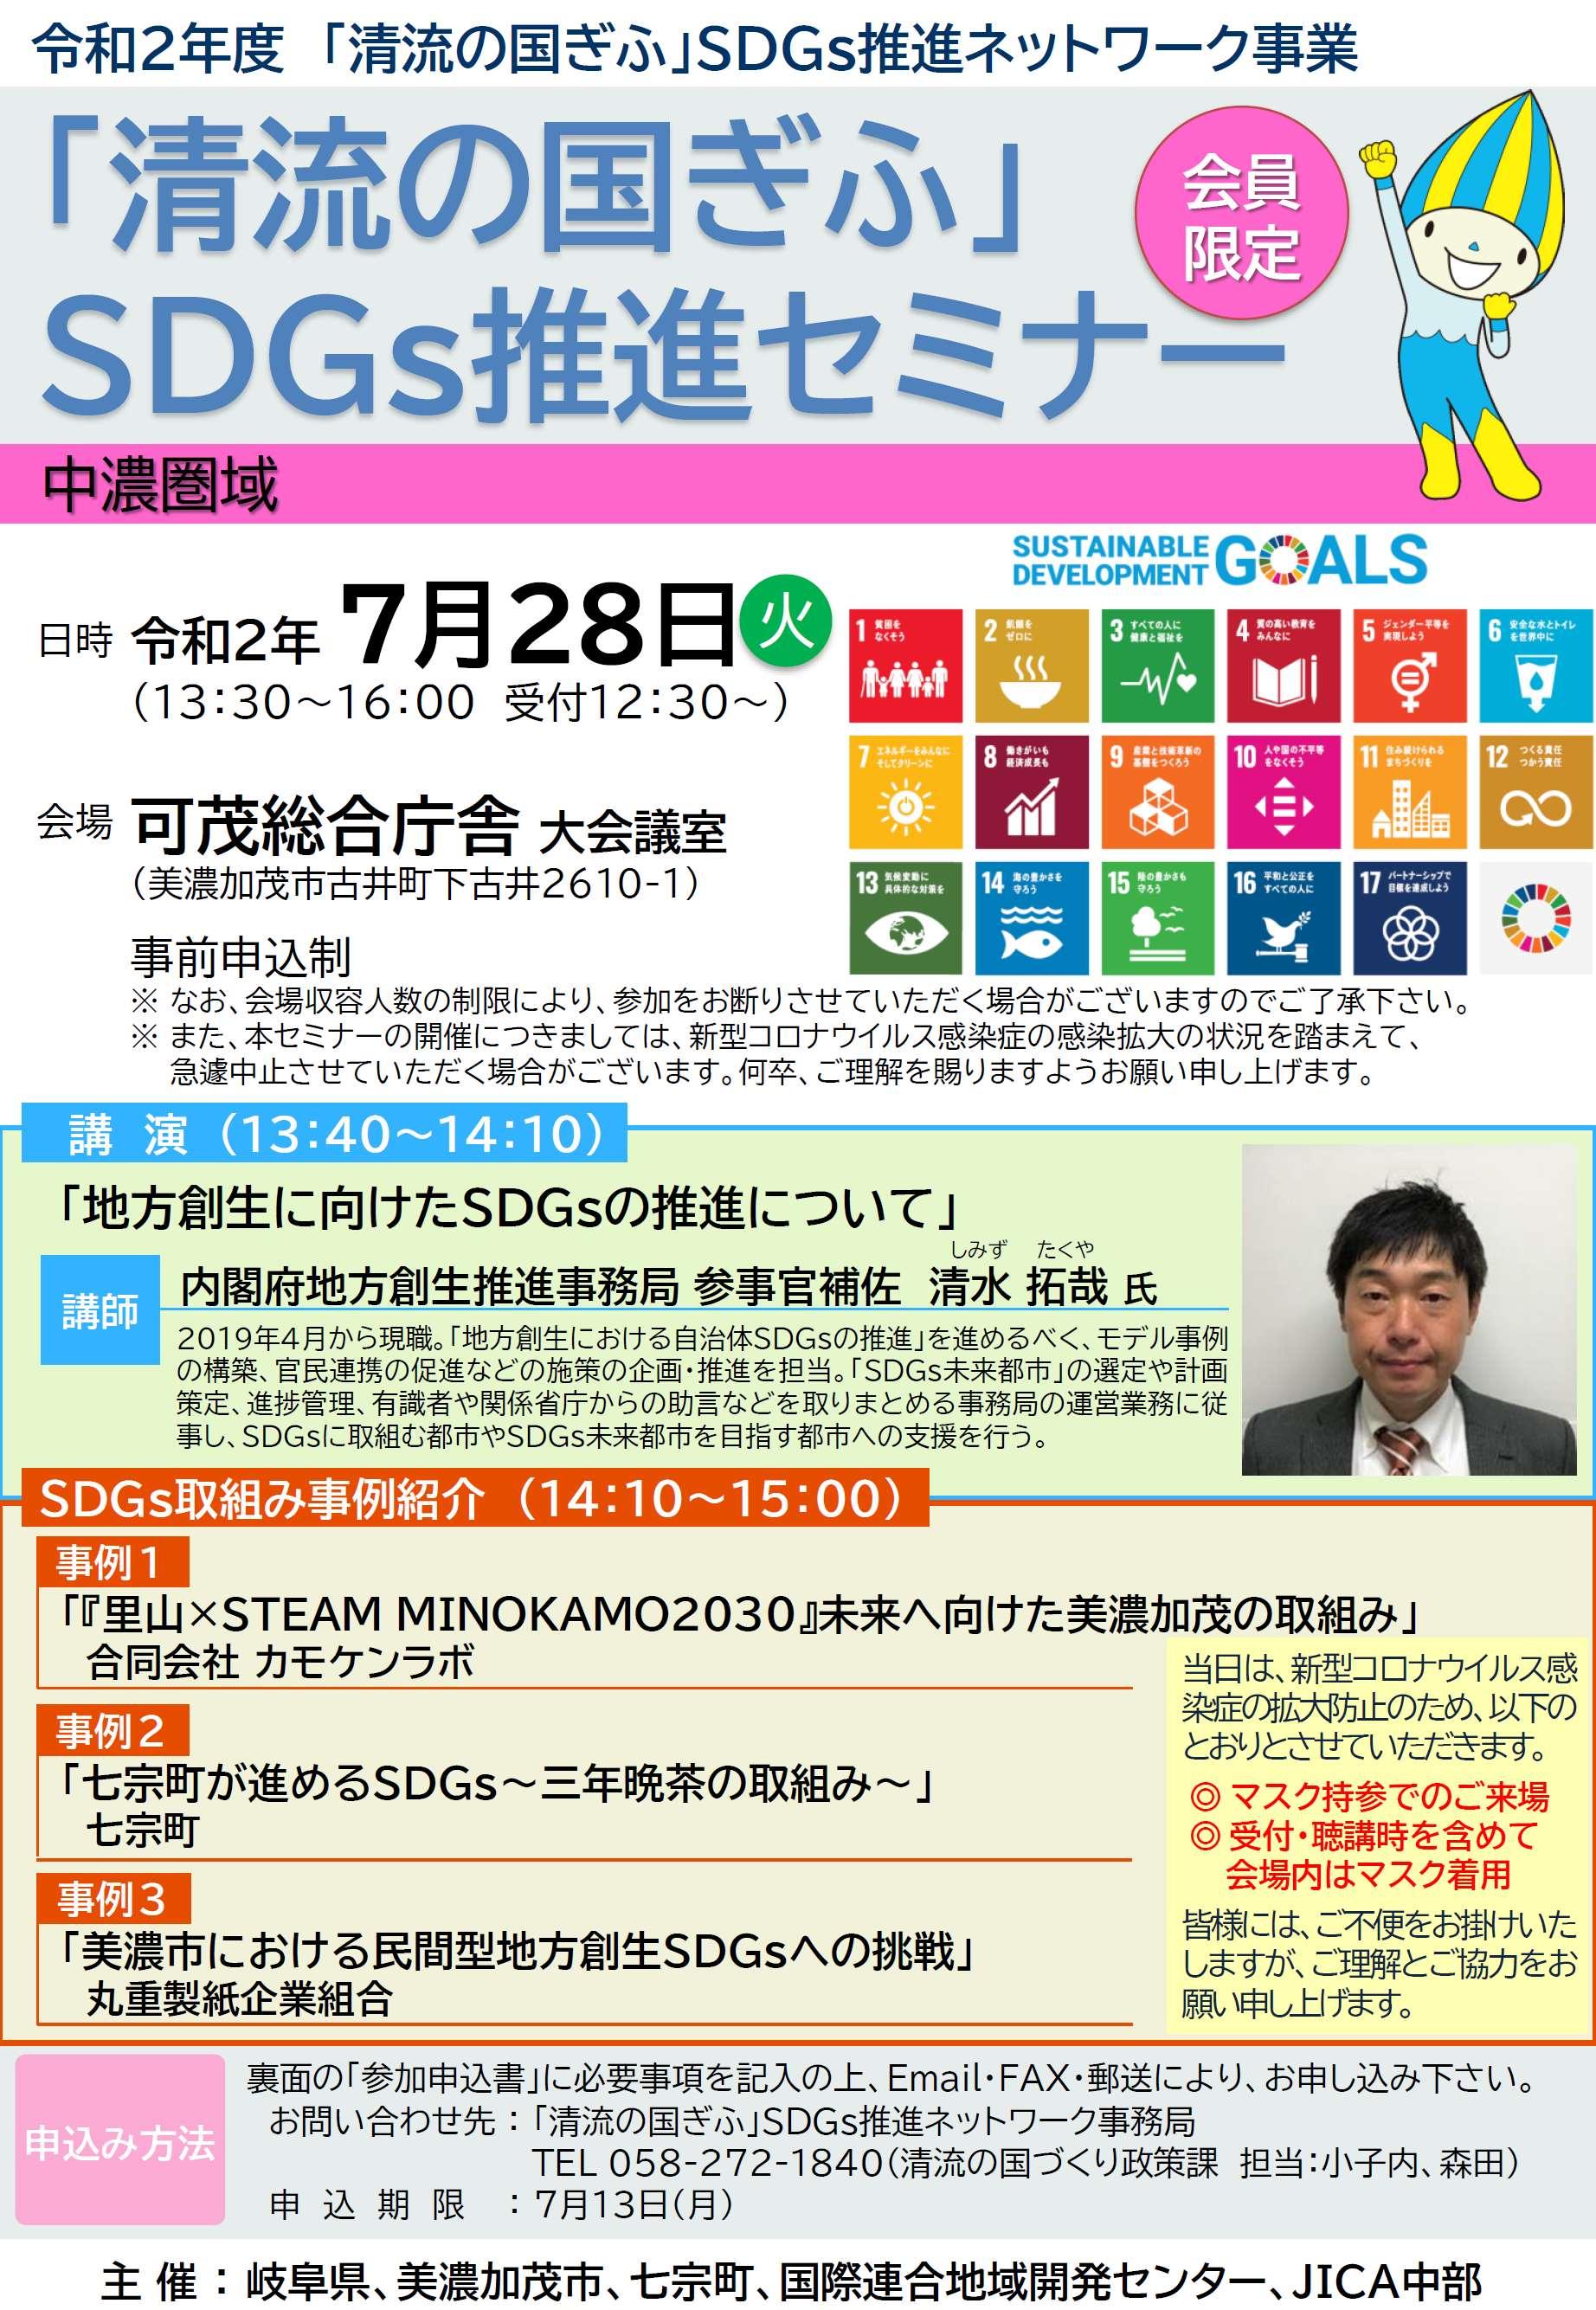 SDGs推進セミナー 岐阜県 SDGs未来都市 取り組み事例